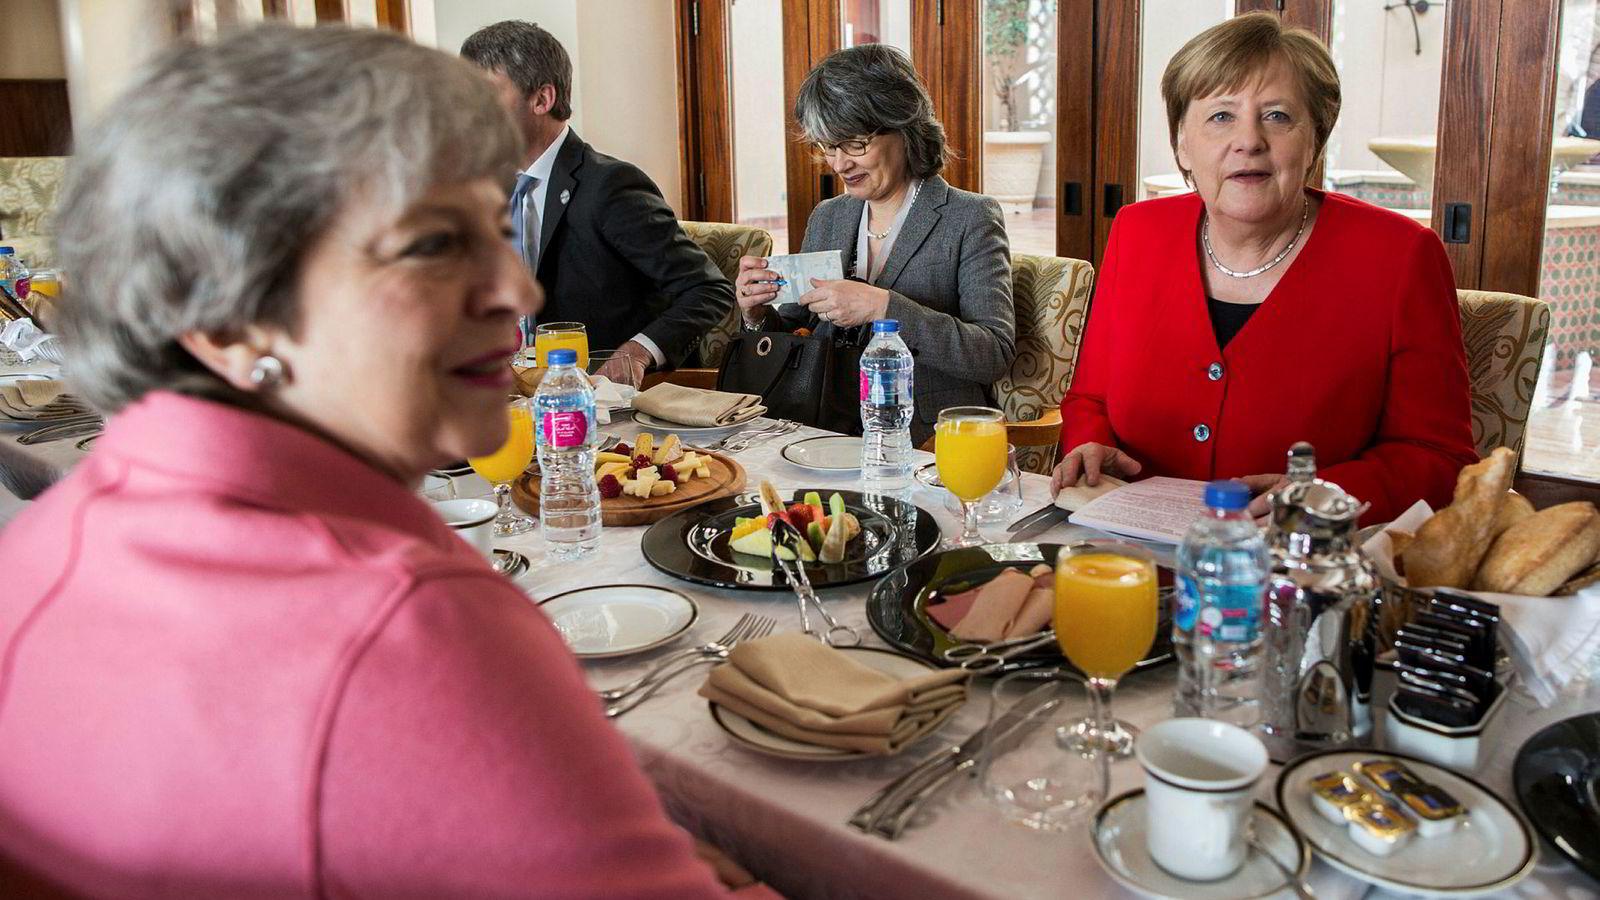 Forbundskansler Angela Merkel og statsminister Theresa May spiser frokost i den egyptiske feriebyen Sharm El Sheikh.